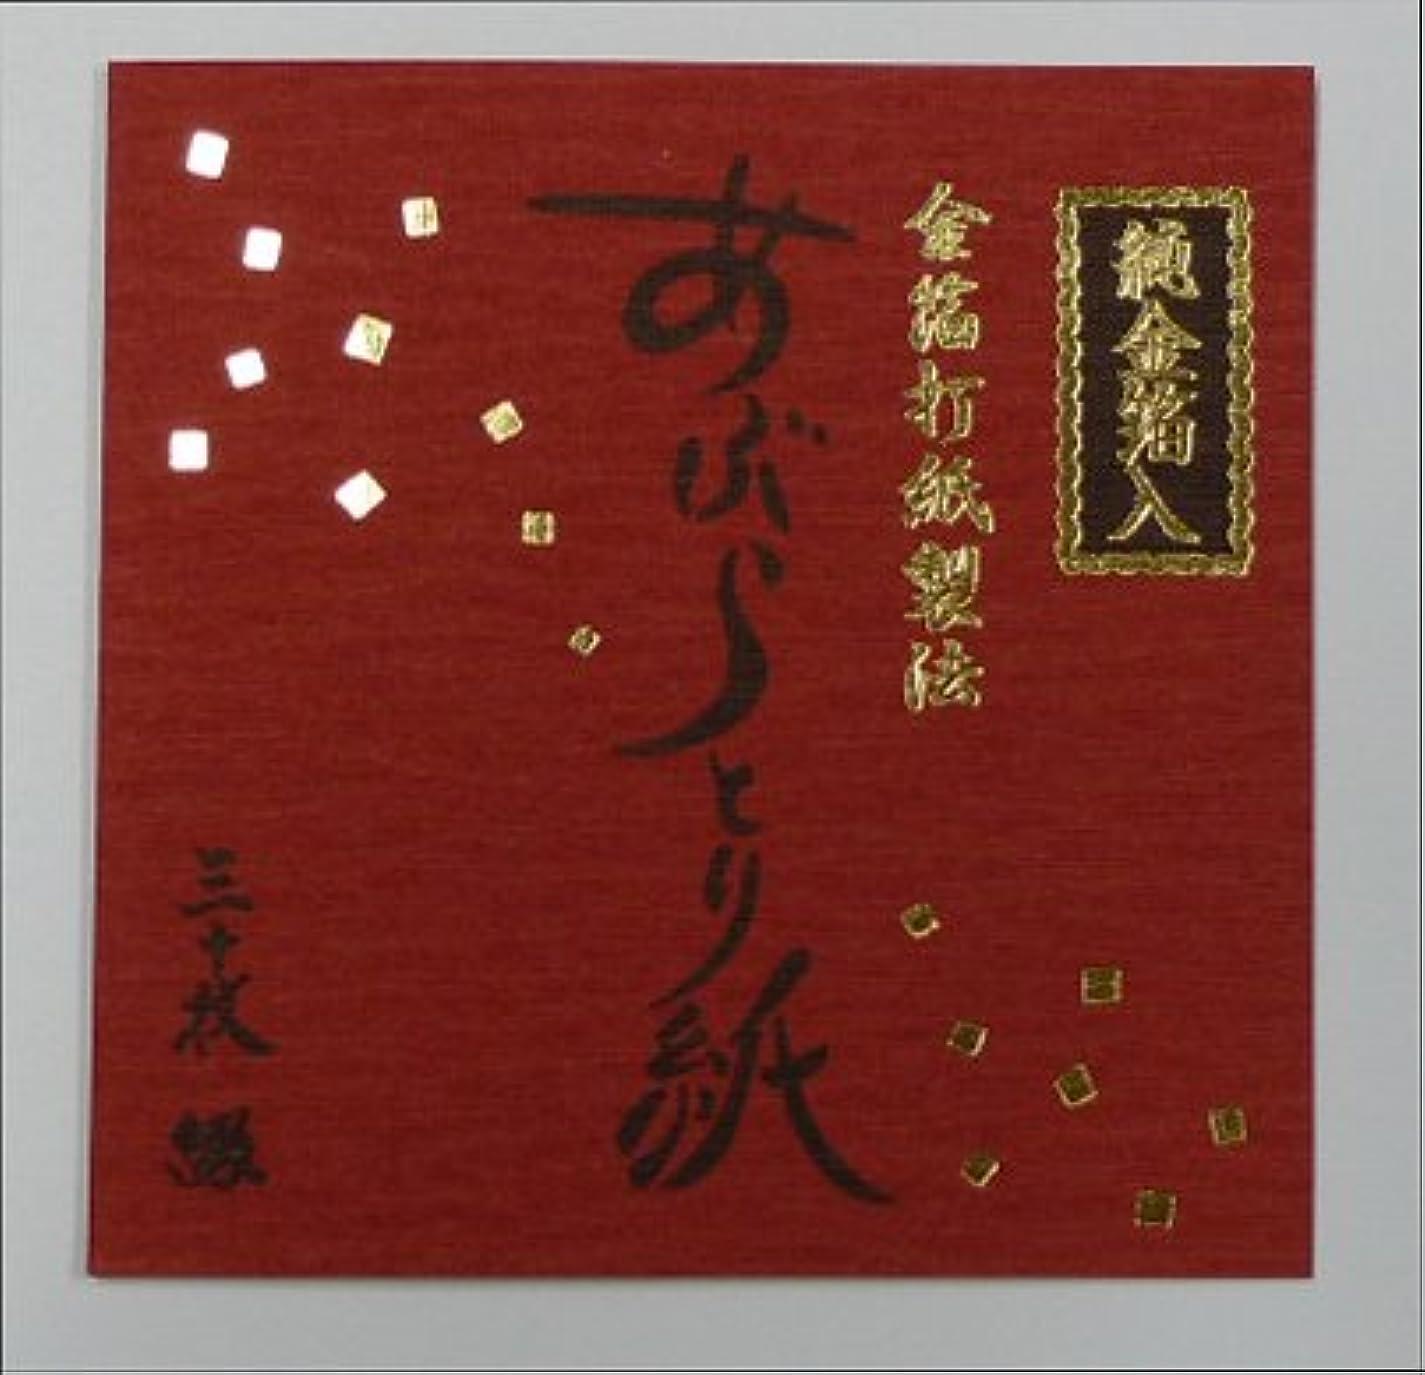 金沢の金箔やさんがつくった金箔打紙製法『あぶらとり紙』30枚綴り【純金箔入】